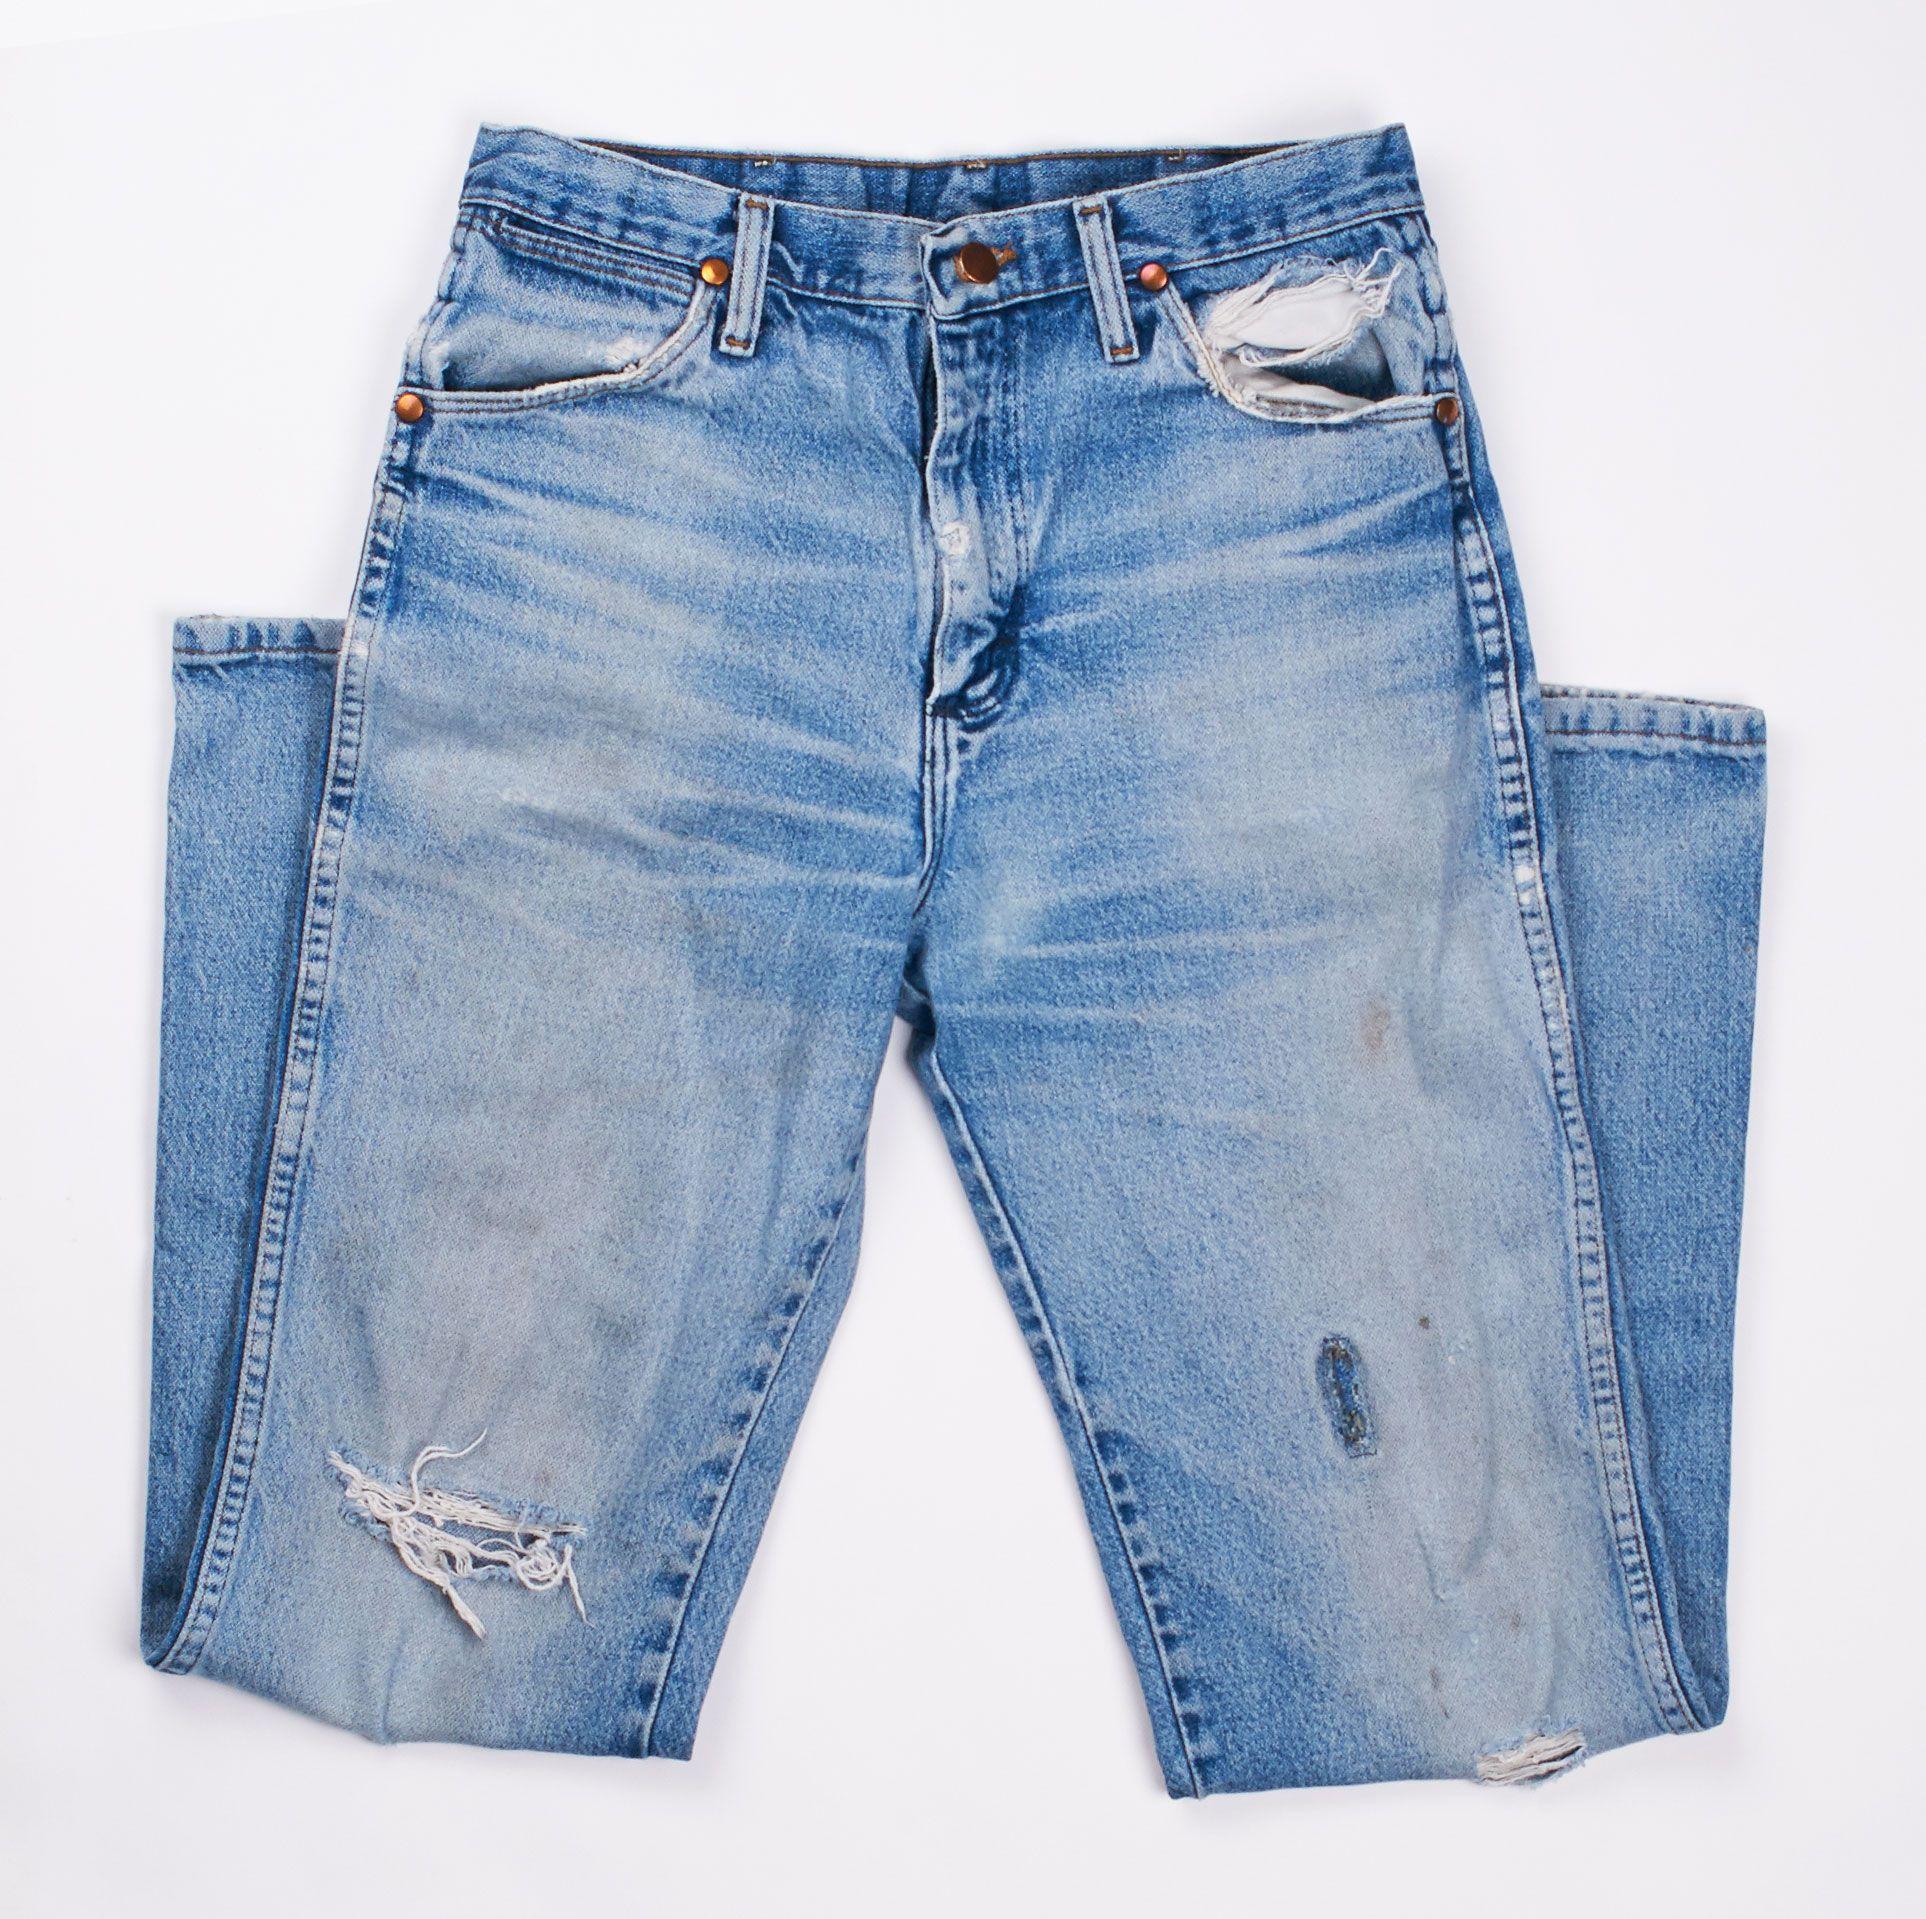 Vintage Wrangler Jeans Size 30 Baddenimlv Vintagedenim Highwaistedjeans Highwaisted Vintagepants Vi Vintage Denim Vintage Wrangler Jeans Wrangler Jeans